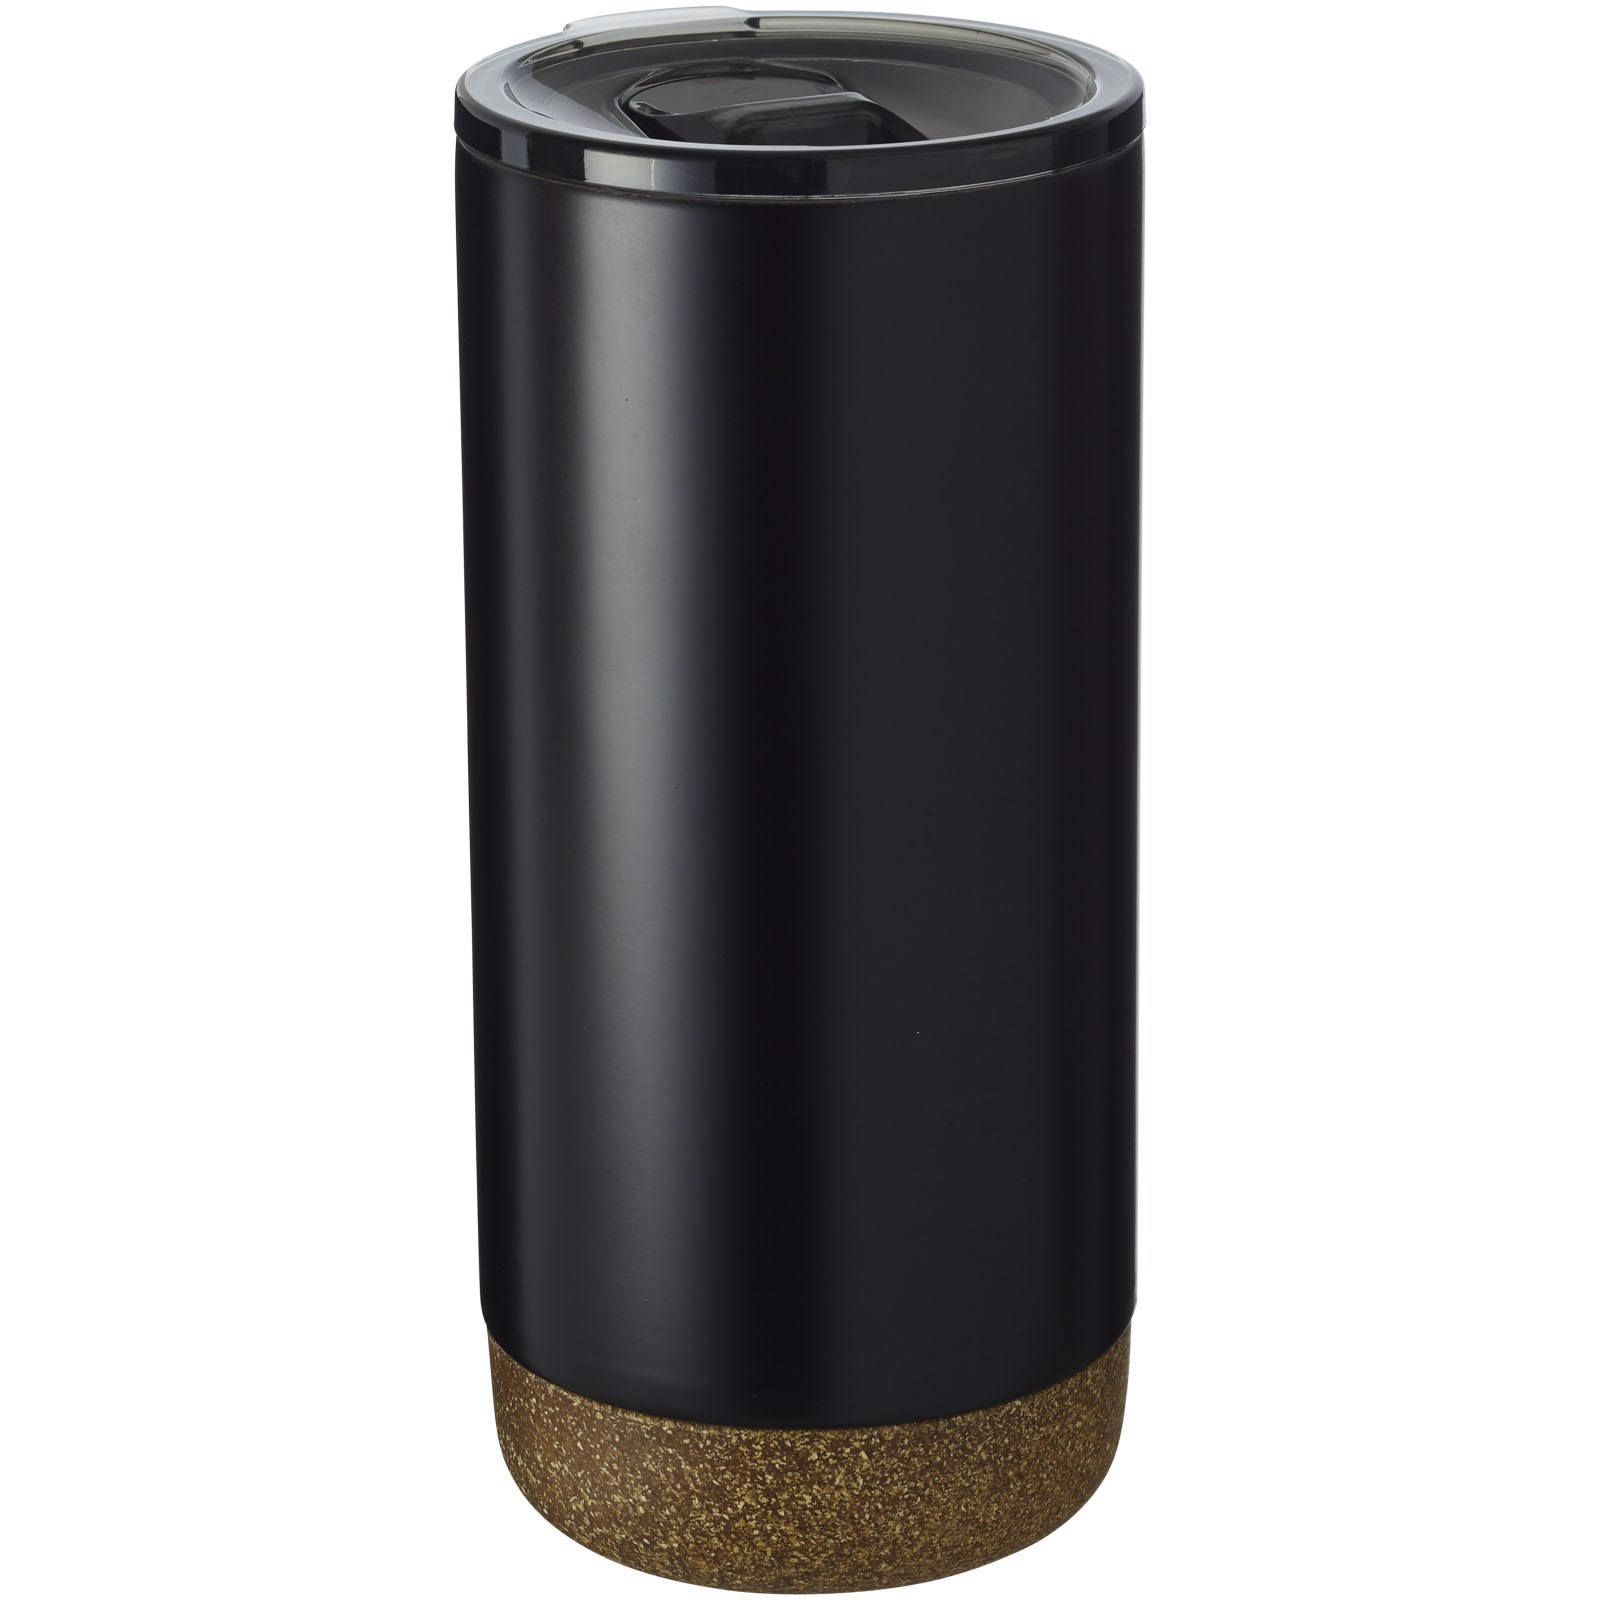 Valhalla 500 ml copper vacuum insulated tumbler - Solid black